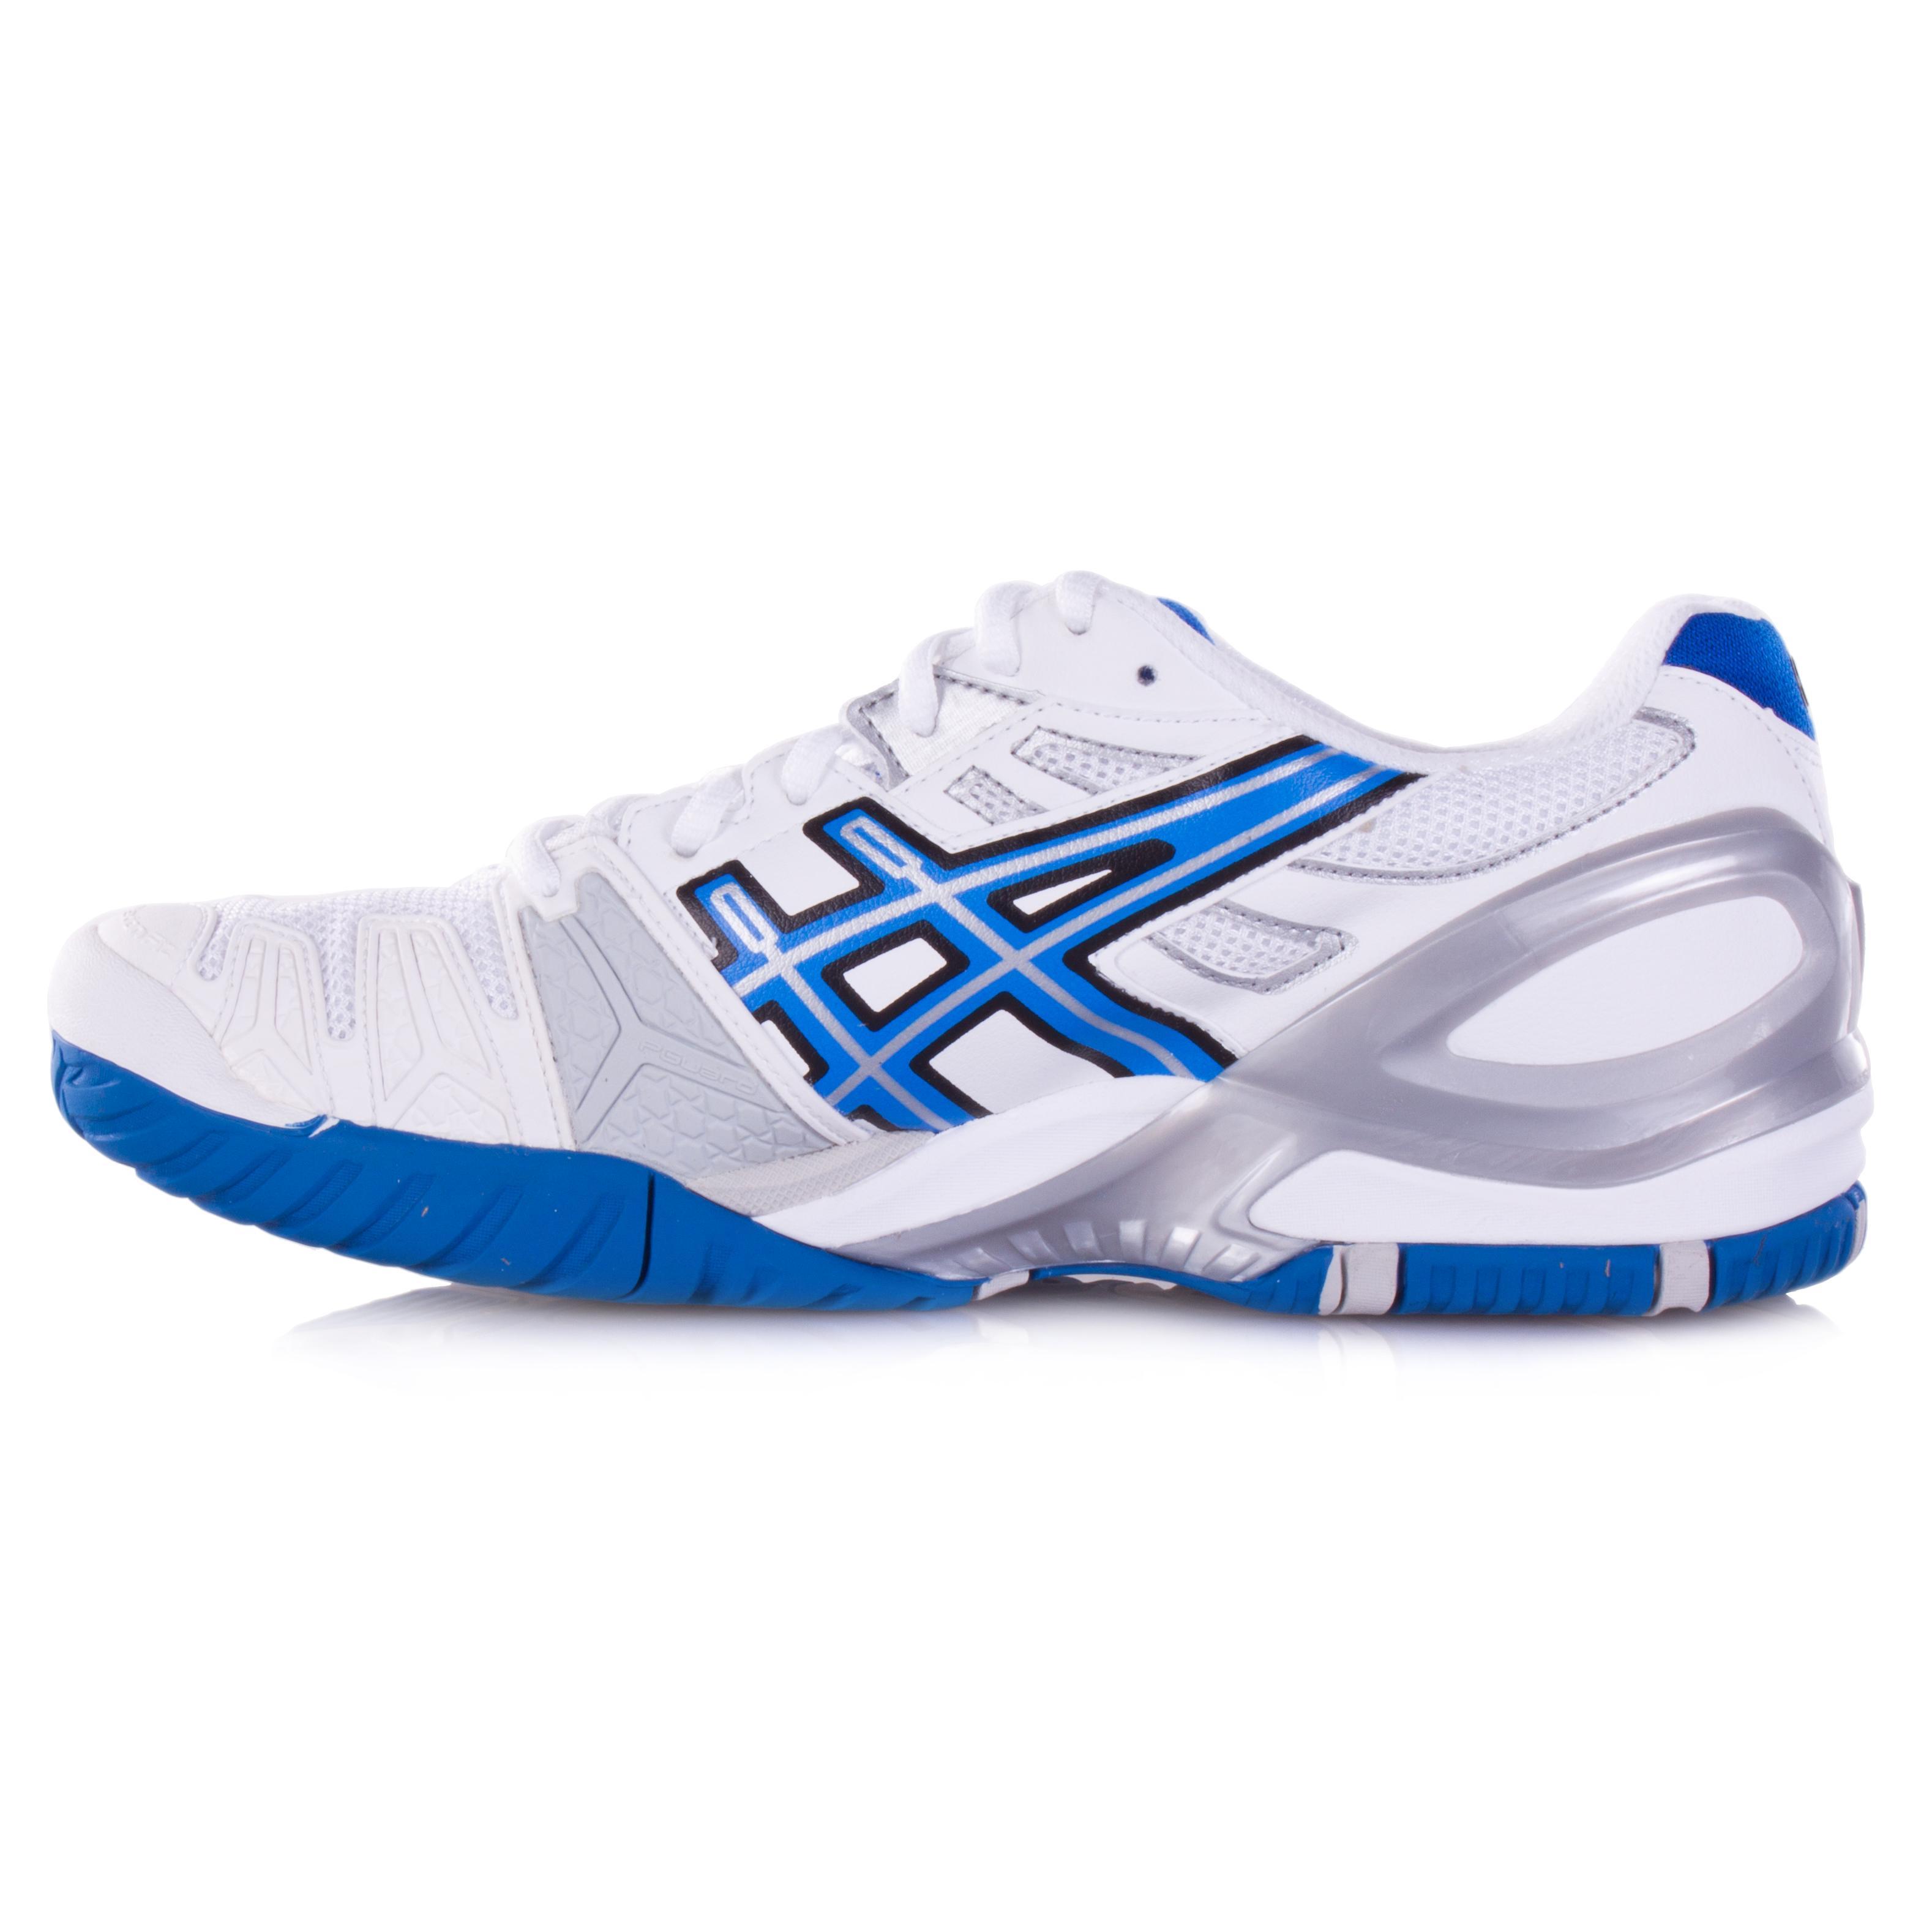 asics gel resolution 5 s tennis shoes white blue lightning